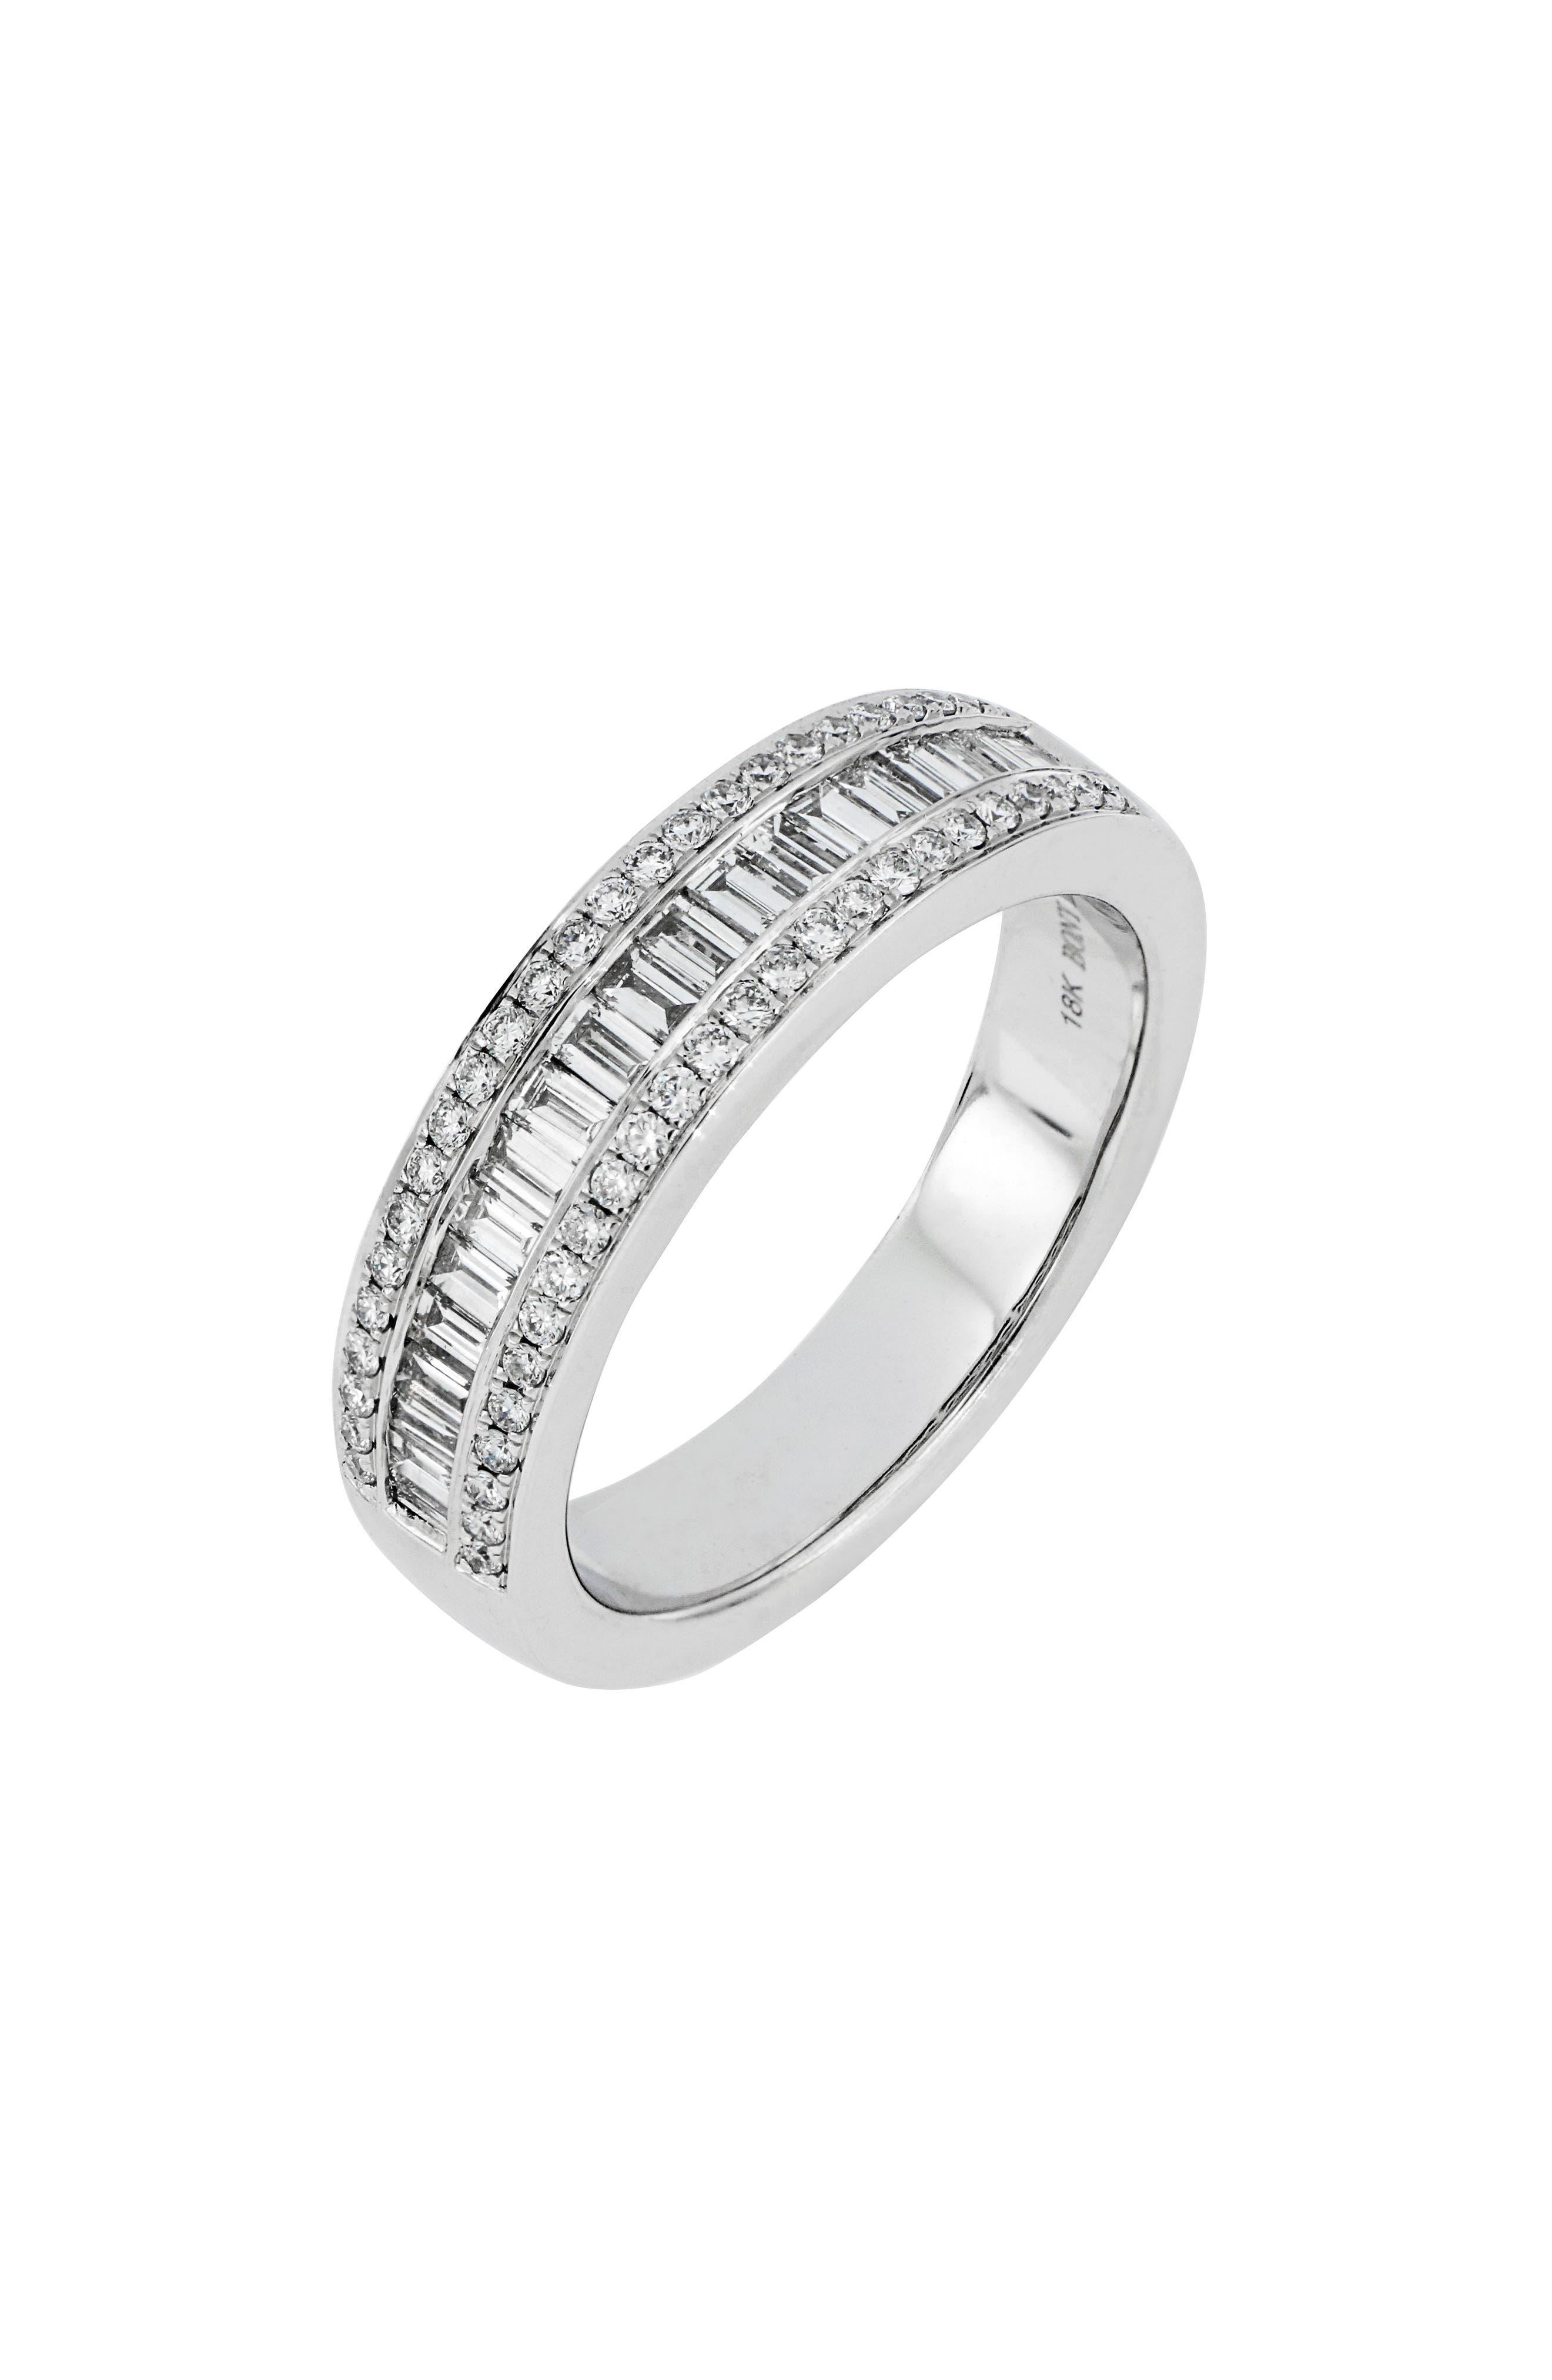 Baguette Diamond Ring,                             Main thumbnail 1, color,                             WHITE GOLD/ DIA